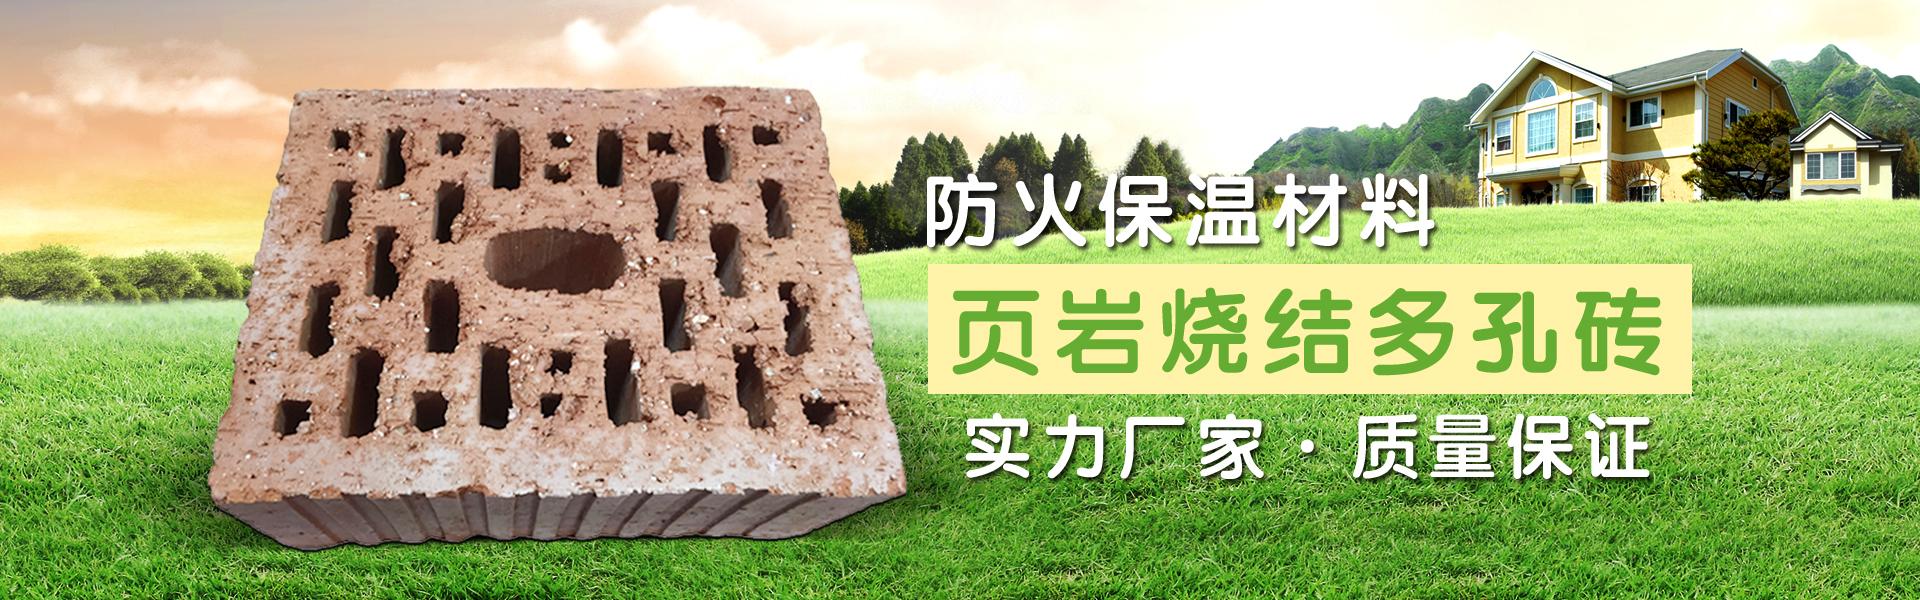 本厂实力提供烧结装饰砖、非粘土烧结多孔砖、环保墙体材料、定制空心砖等,欢迎前来咨询!